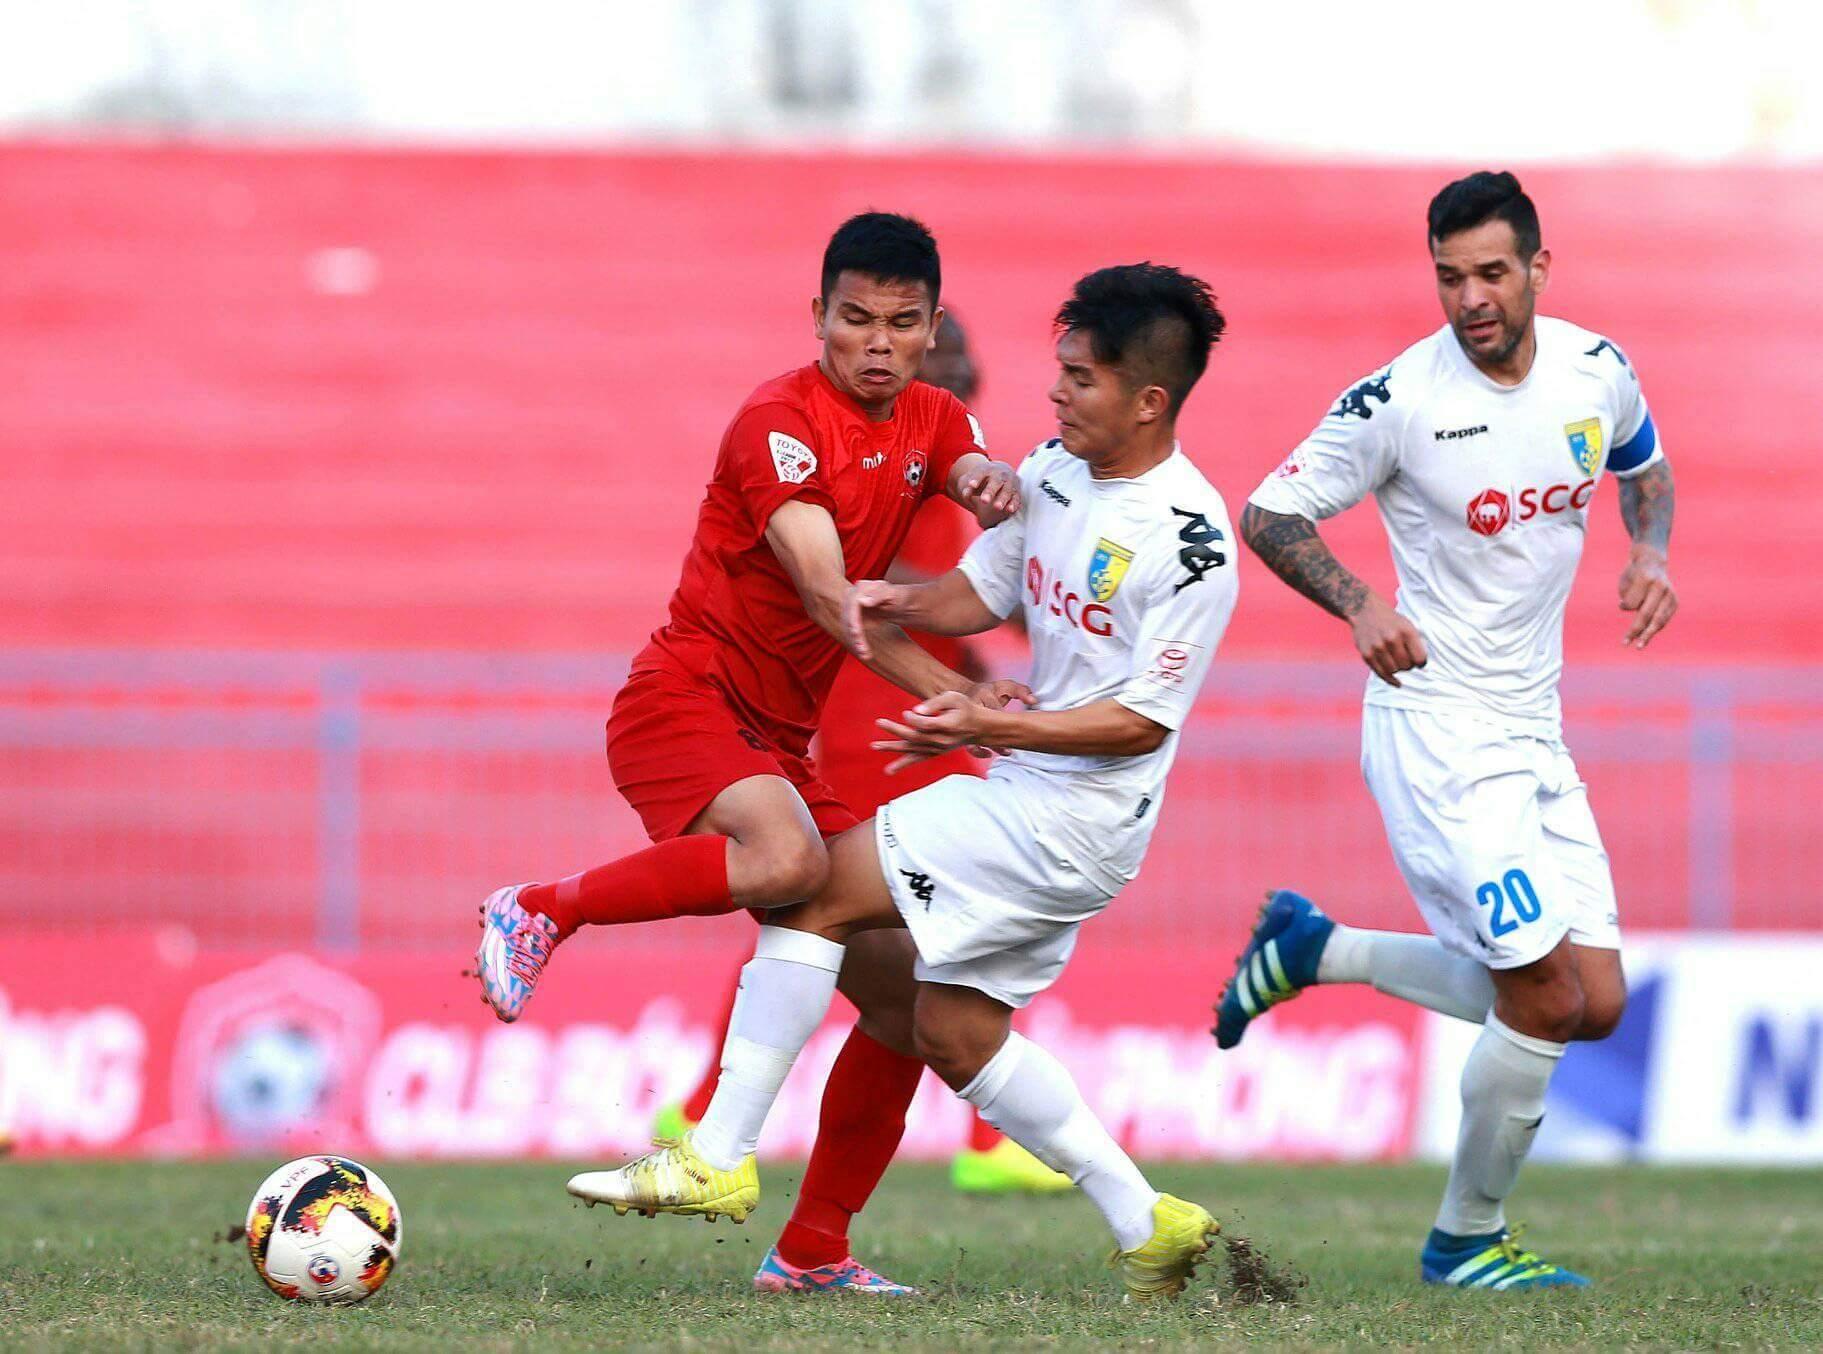 Hải Phòng vs Hà Nội FC, V-League, Thành Lương